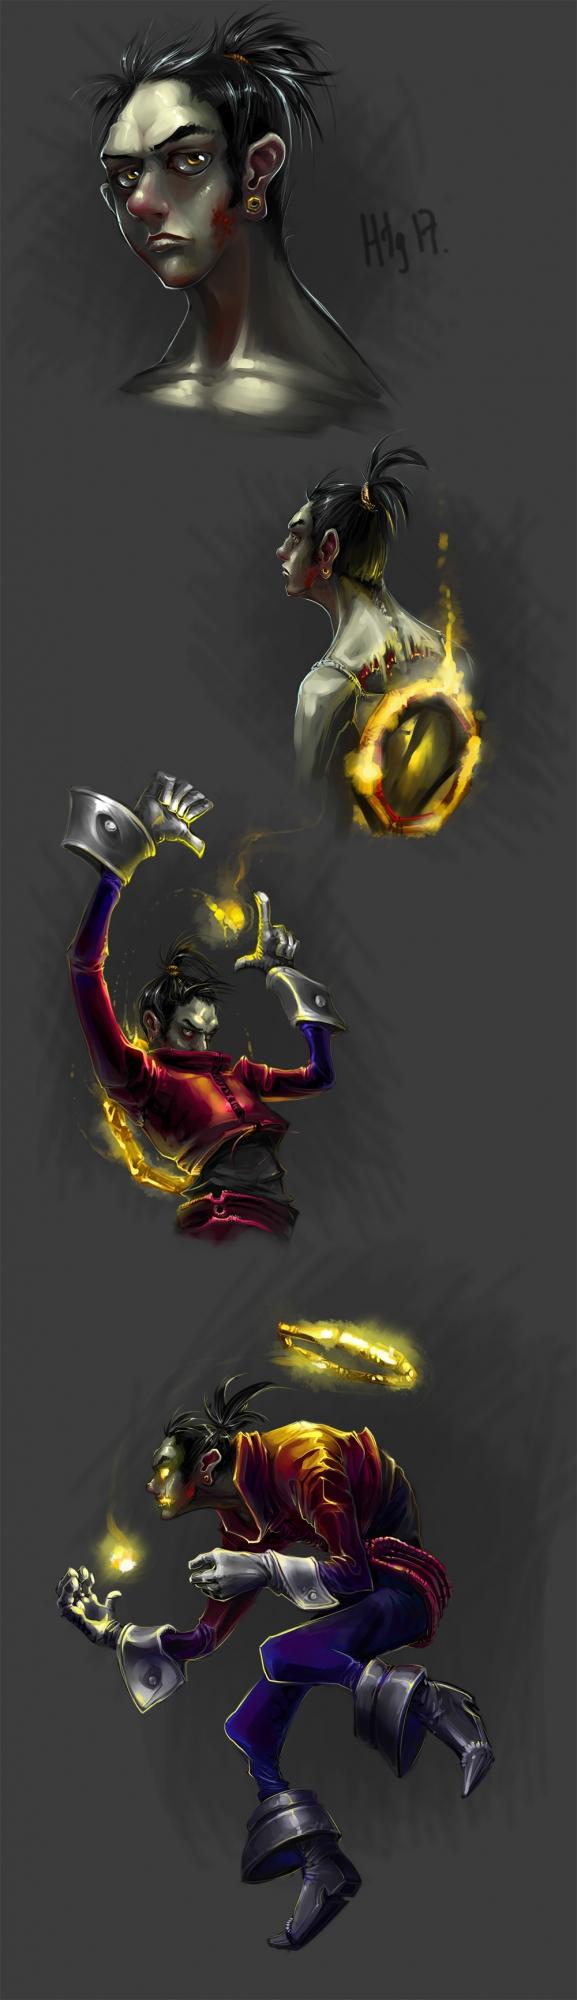 http://ipic.su/img/img7/fs/Charlie.1384292001.jpg